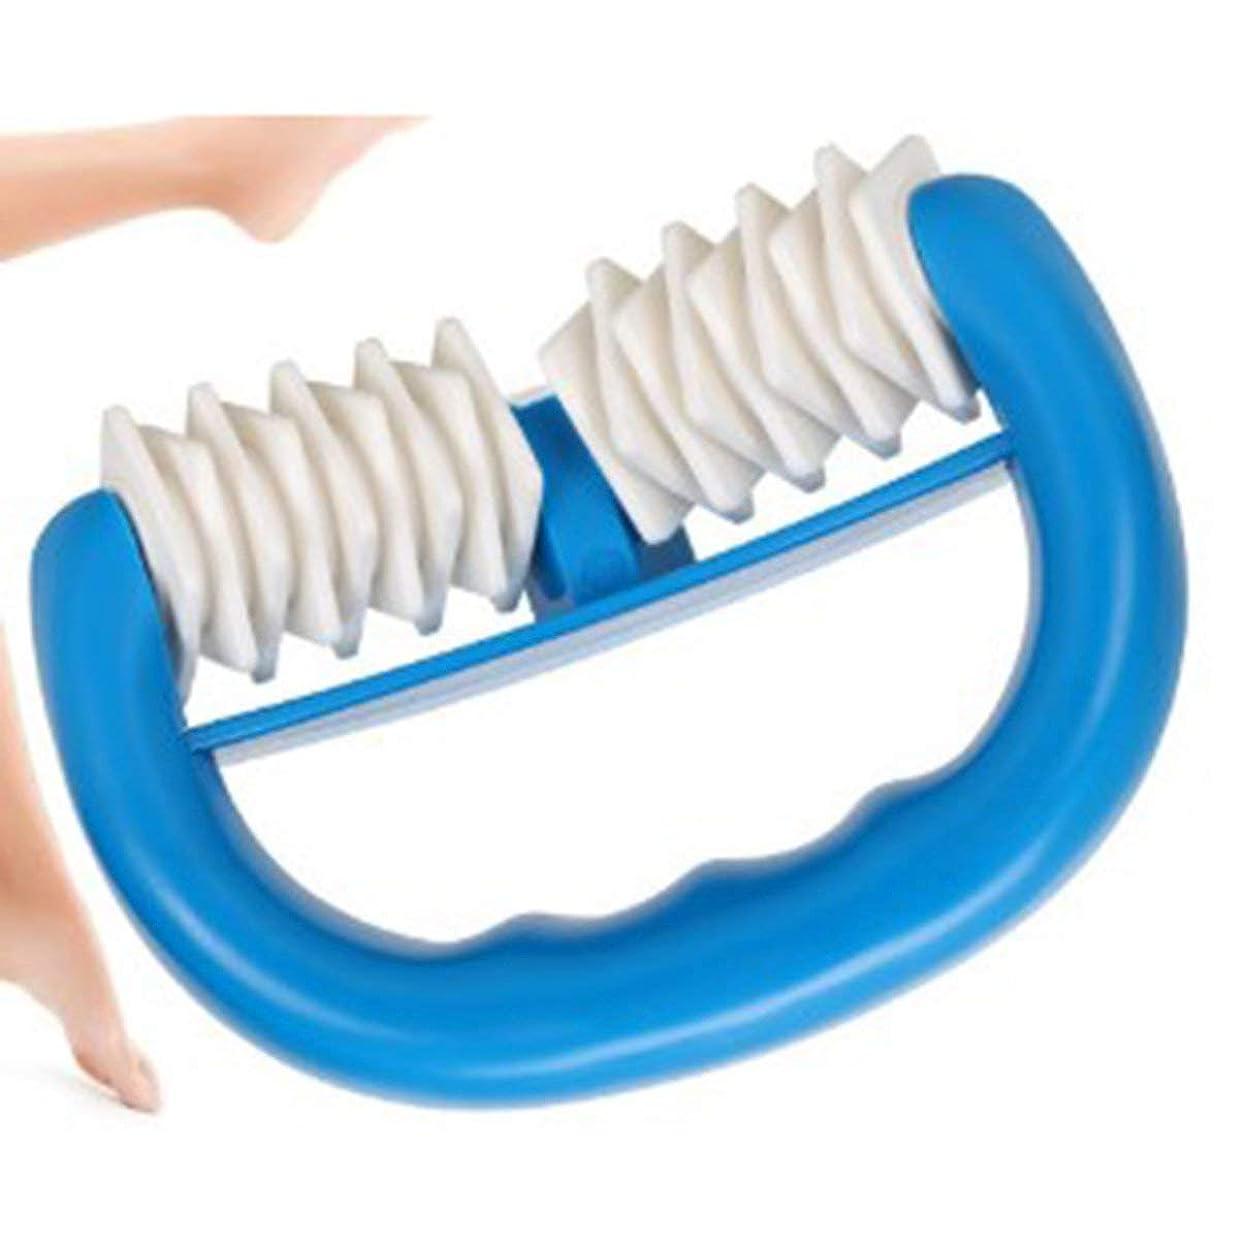 幻滅する申込み百万Handheld Massage Body Roller for Relief Muscle Point Body Massage Stick Relief Stress Health Care Pressure Point Massager Tool